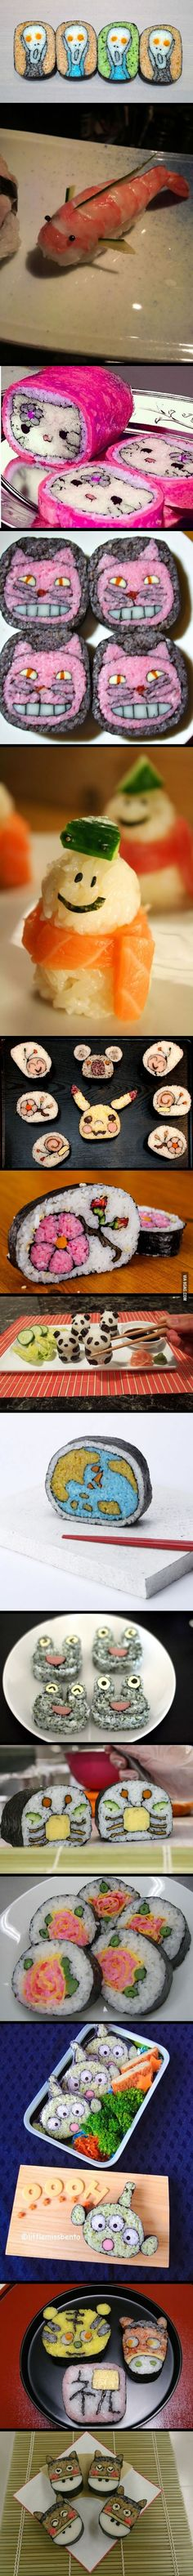 Beautiful sushi art!